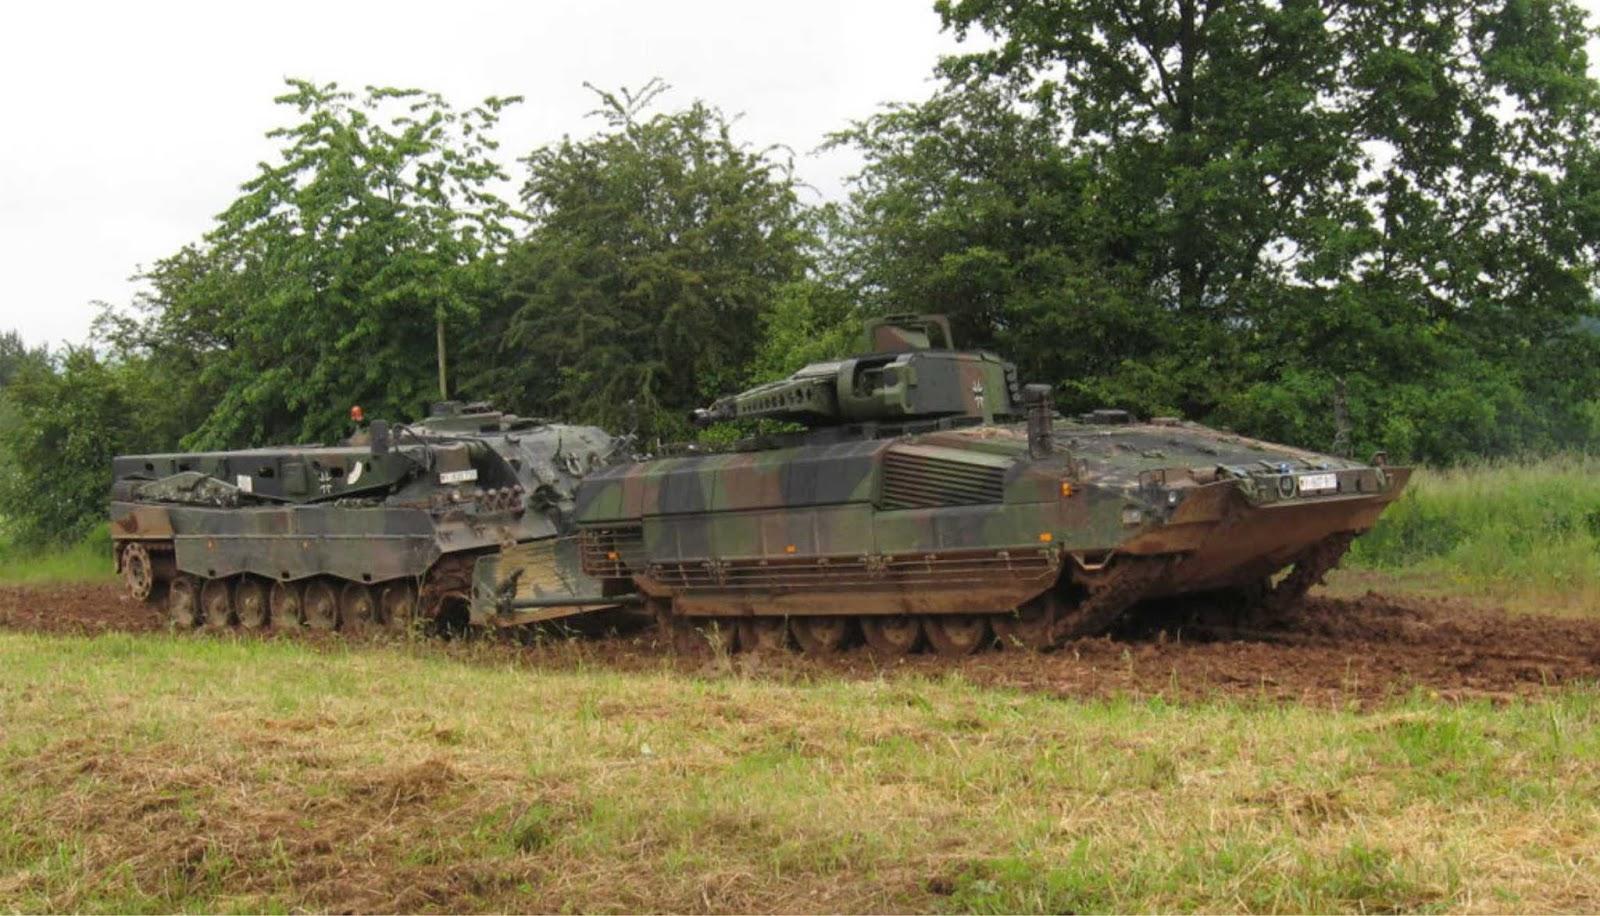 Masalah dengan peralatan militer baru dimulai di Jerman